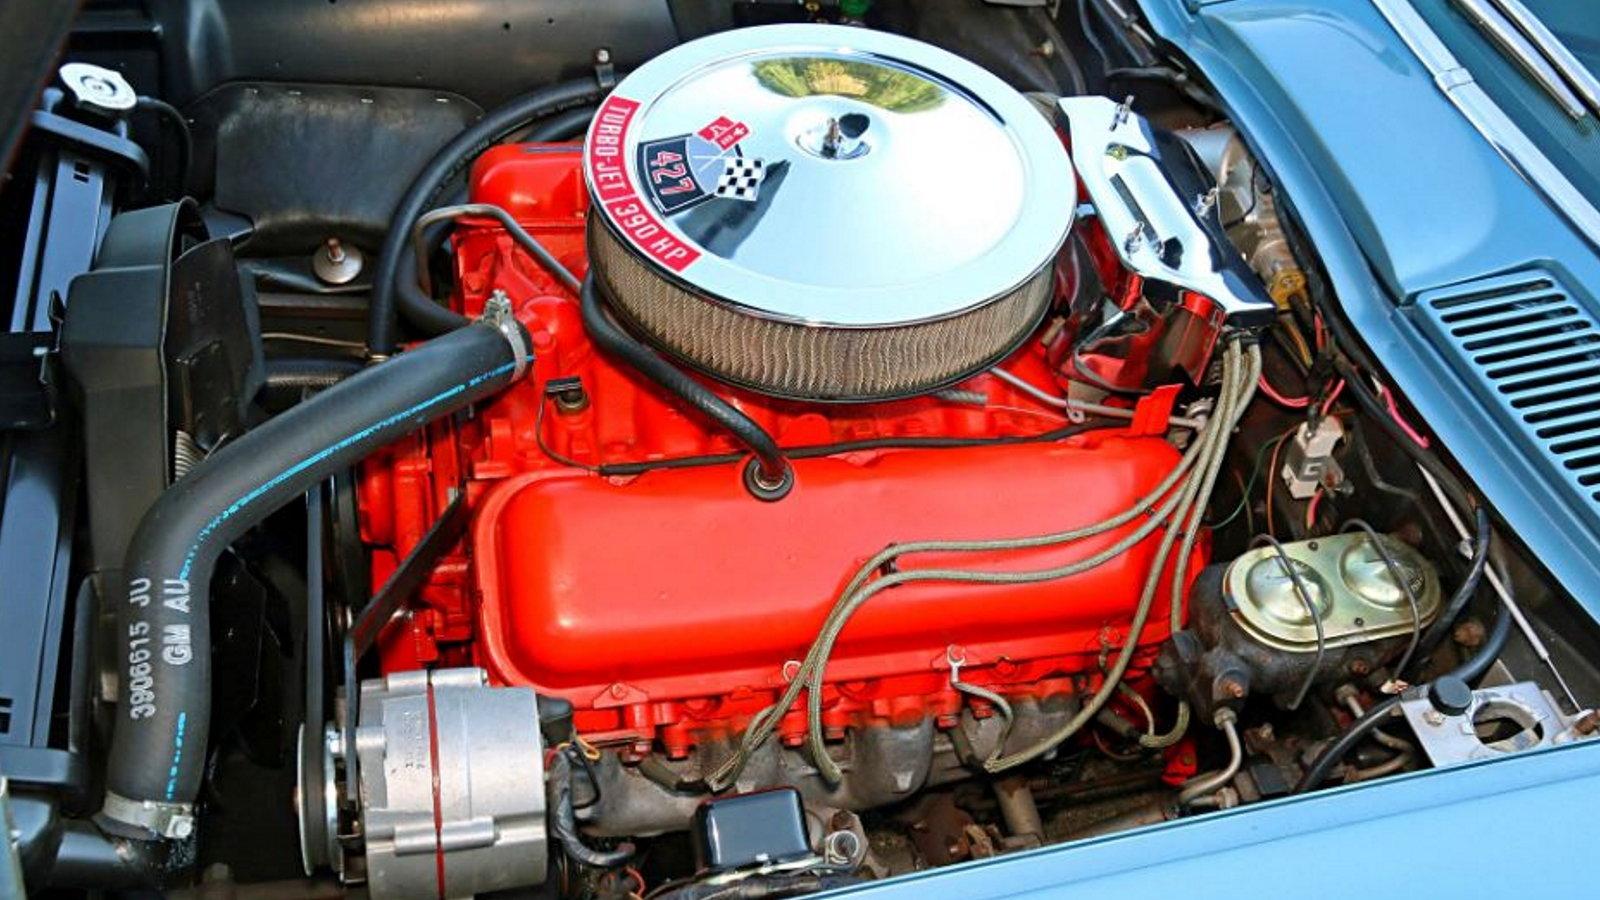 A Mint All-original 1967 427 Stingray!